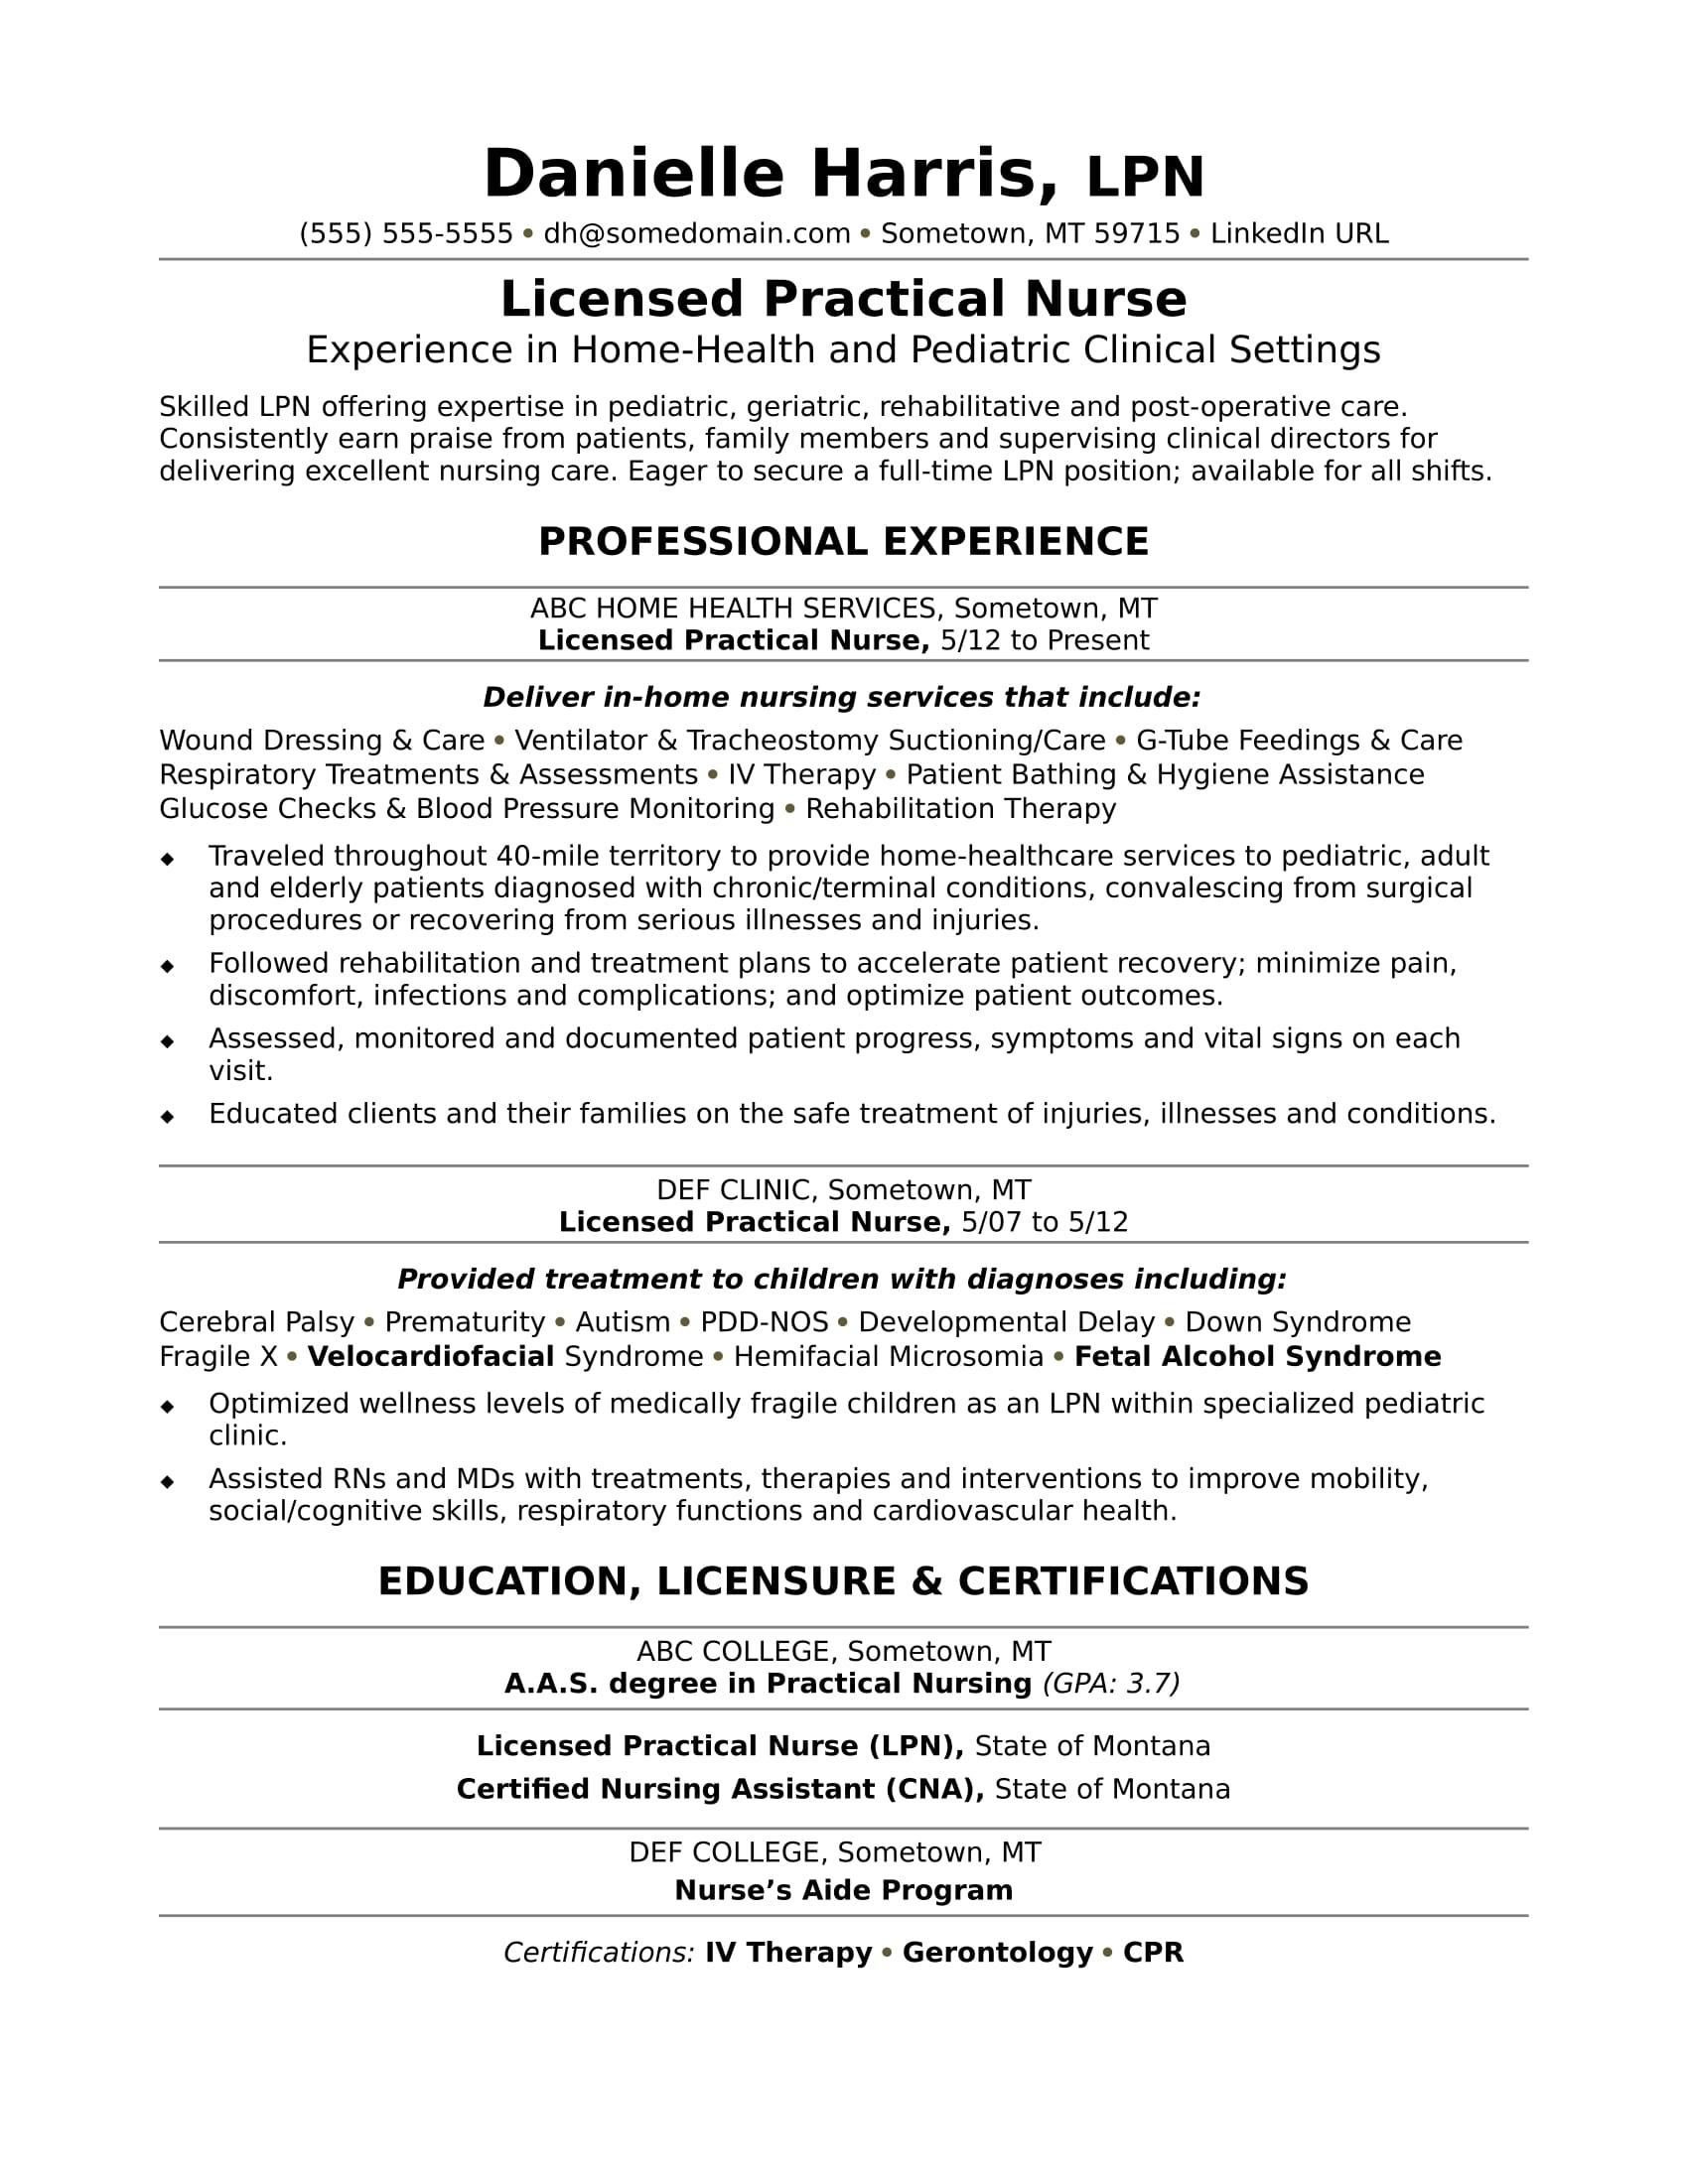 Licensed Practical Nurse Resume Sample  Monstercom